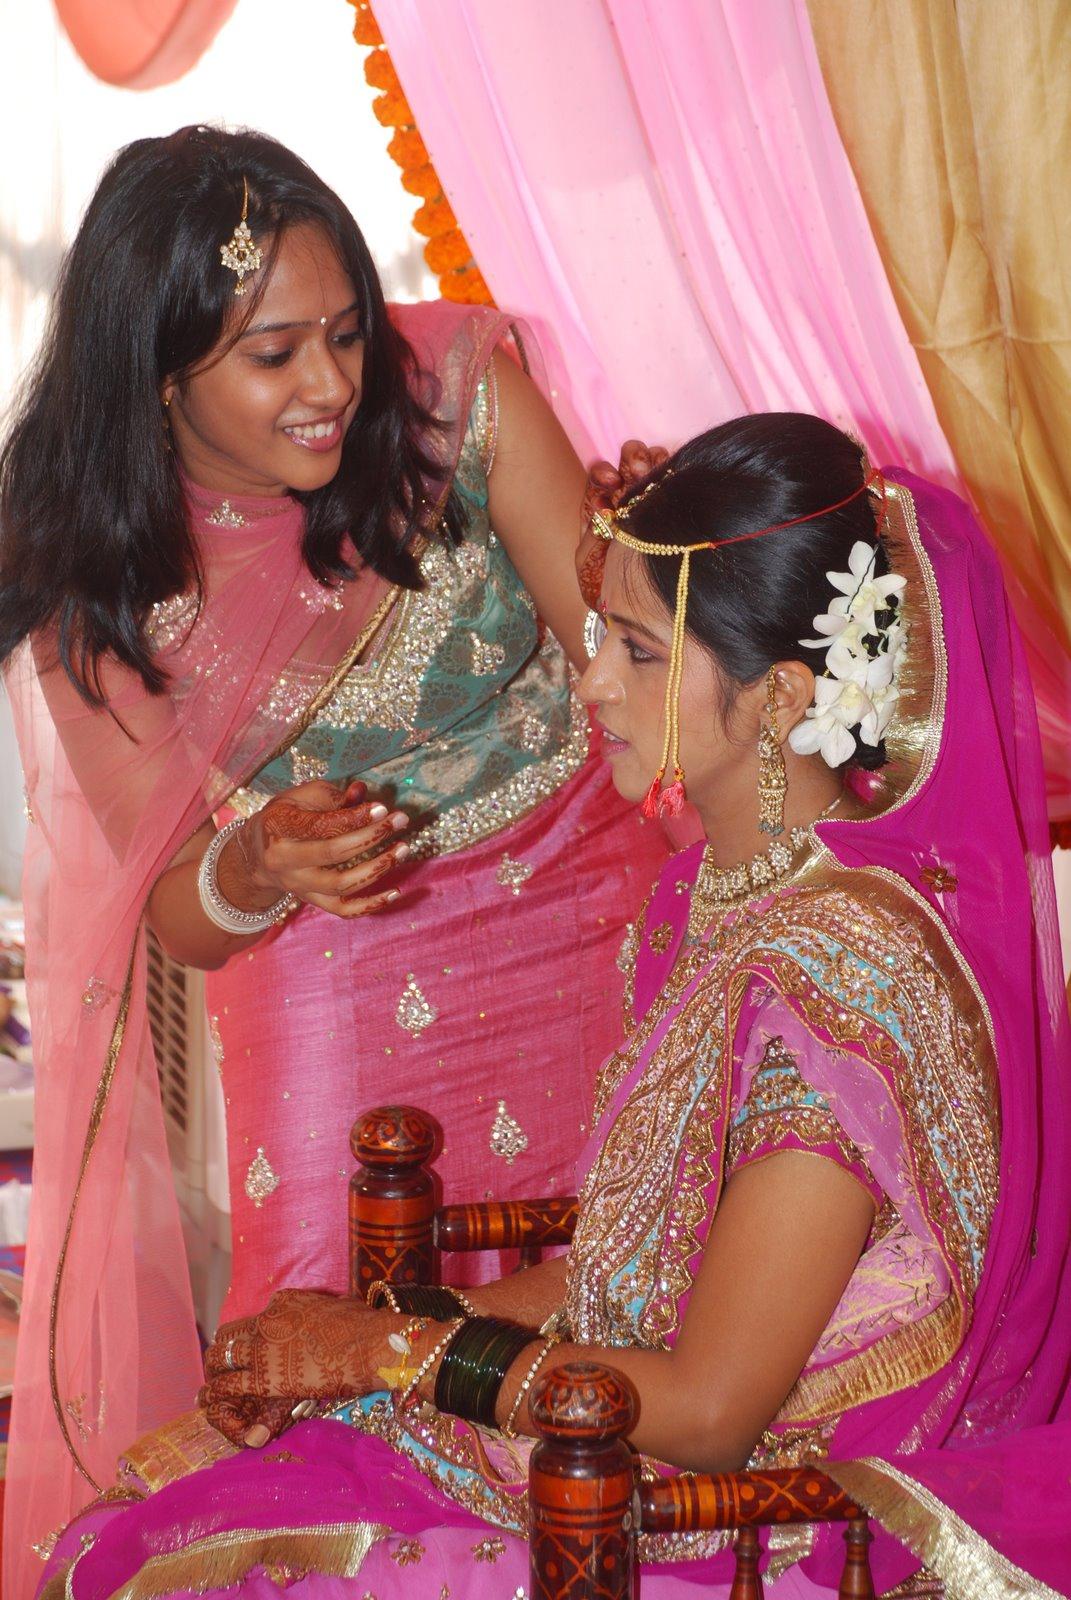 Young Desi Teen Girls - Beautiful Indian Desi Girls-5411